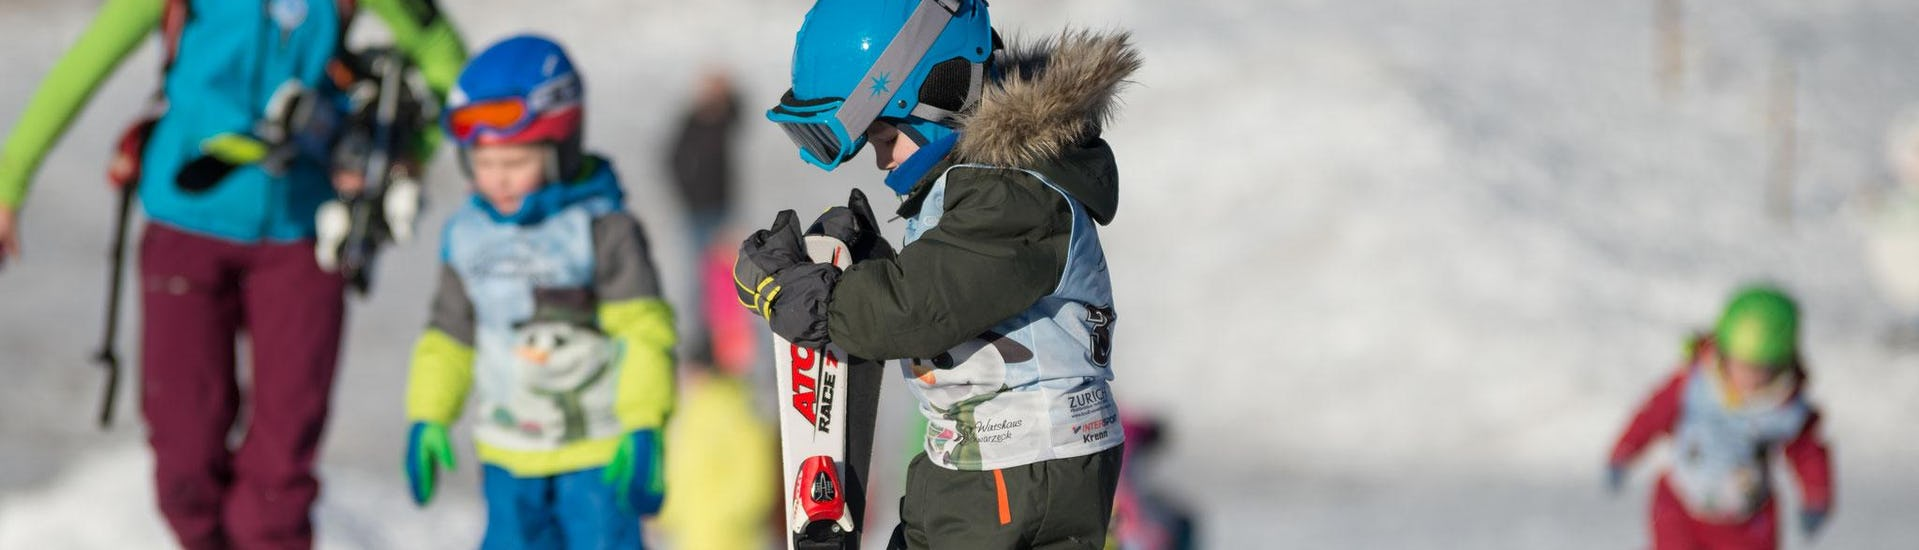 """Skikurs """"Zwergerl"""" für Kinder (3,5-6 Jahre) - Nachmittag"""